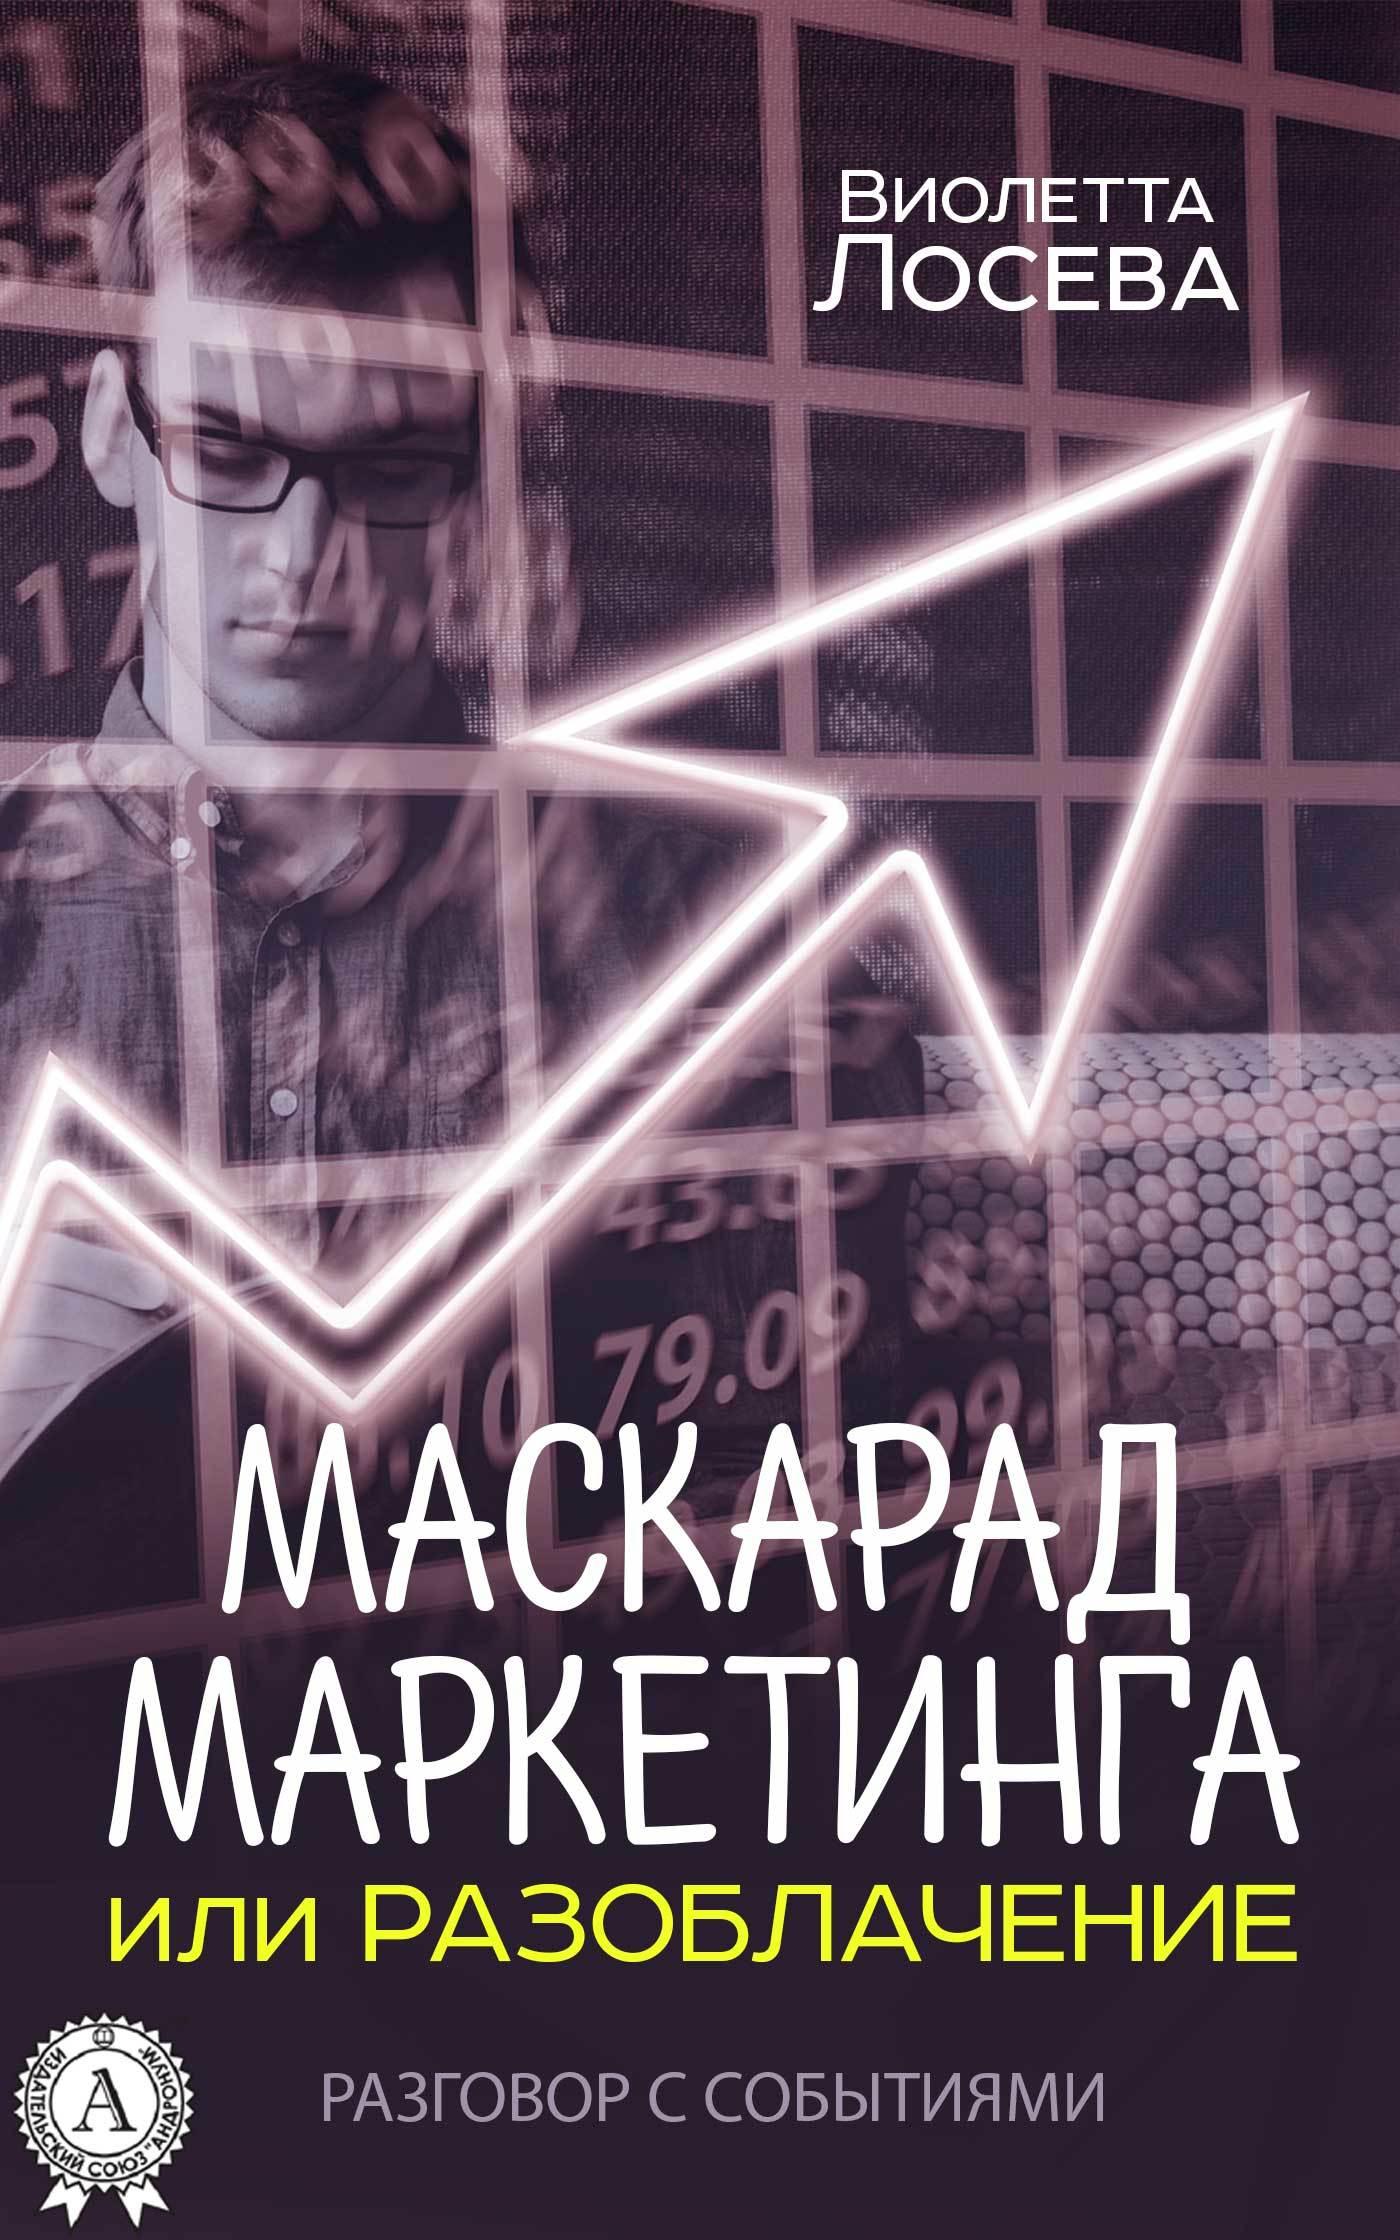 Обложка книги. Автор - Виолетта Лосева